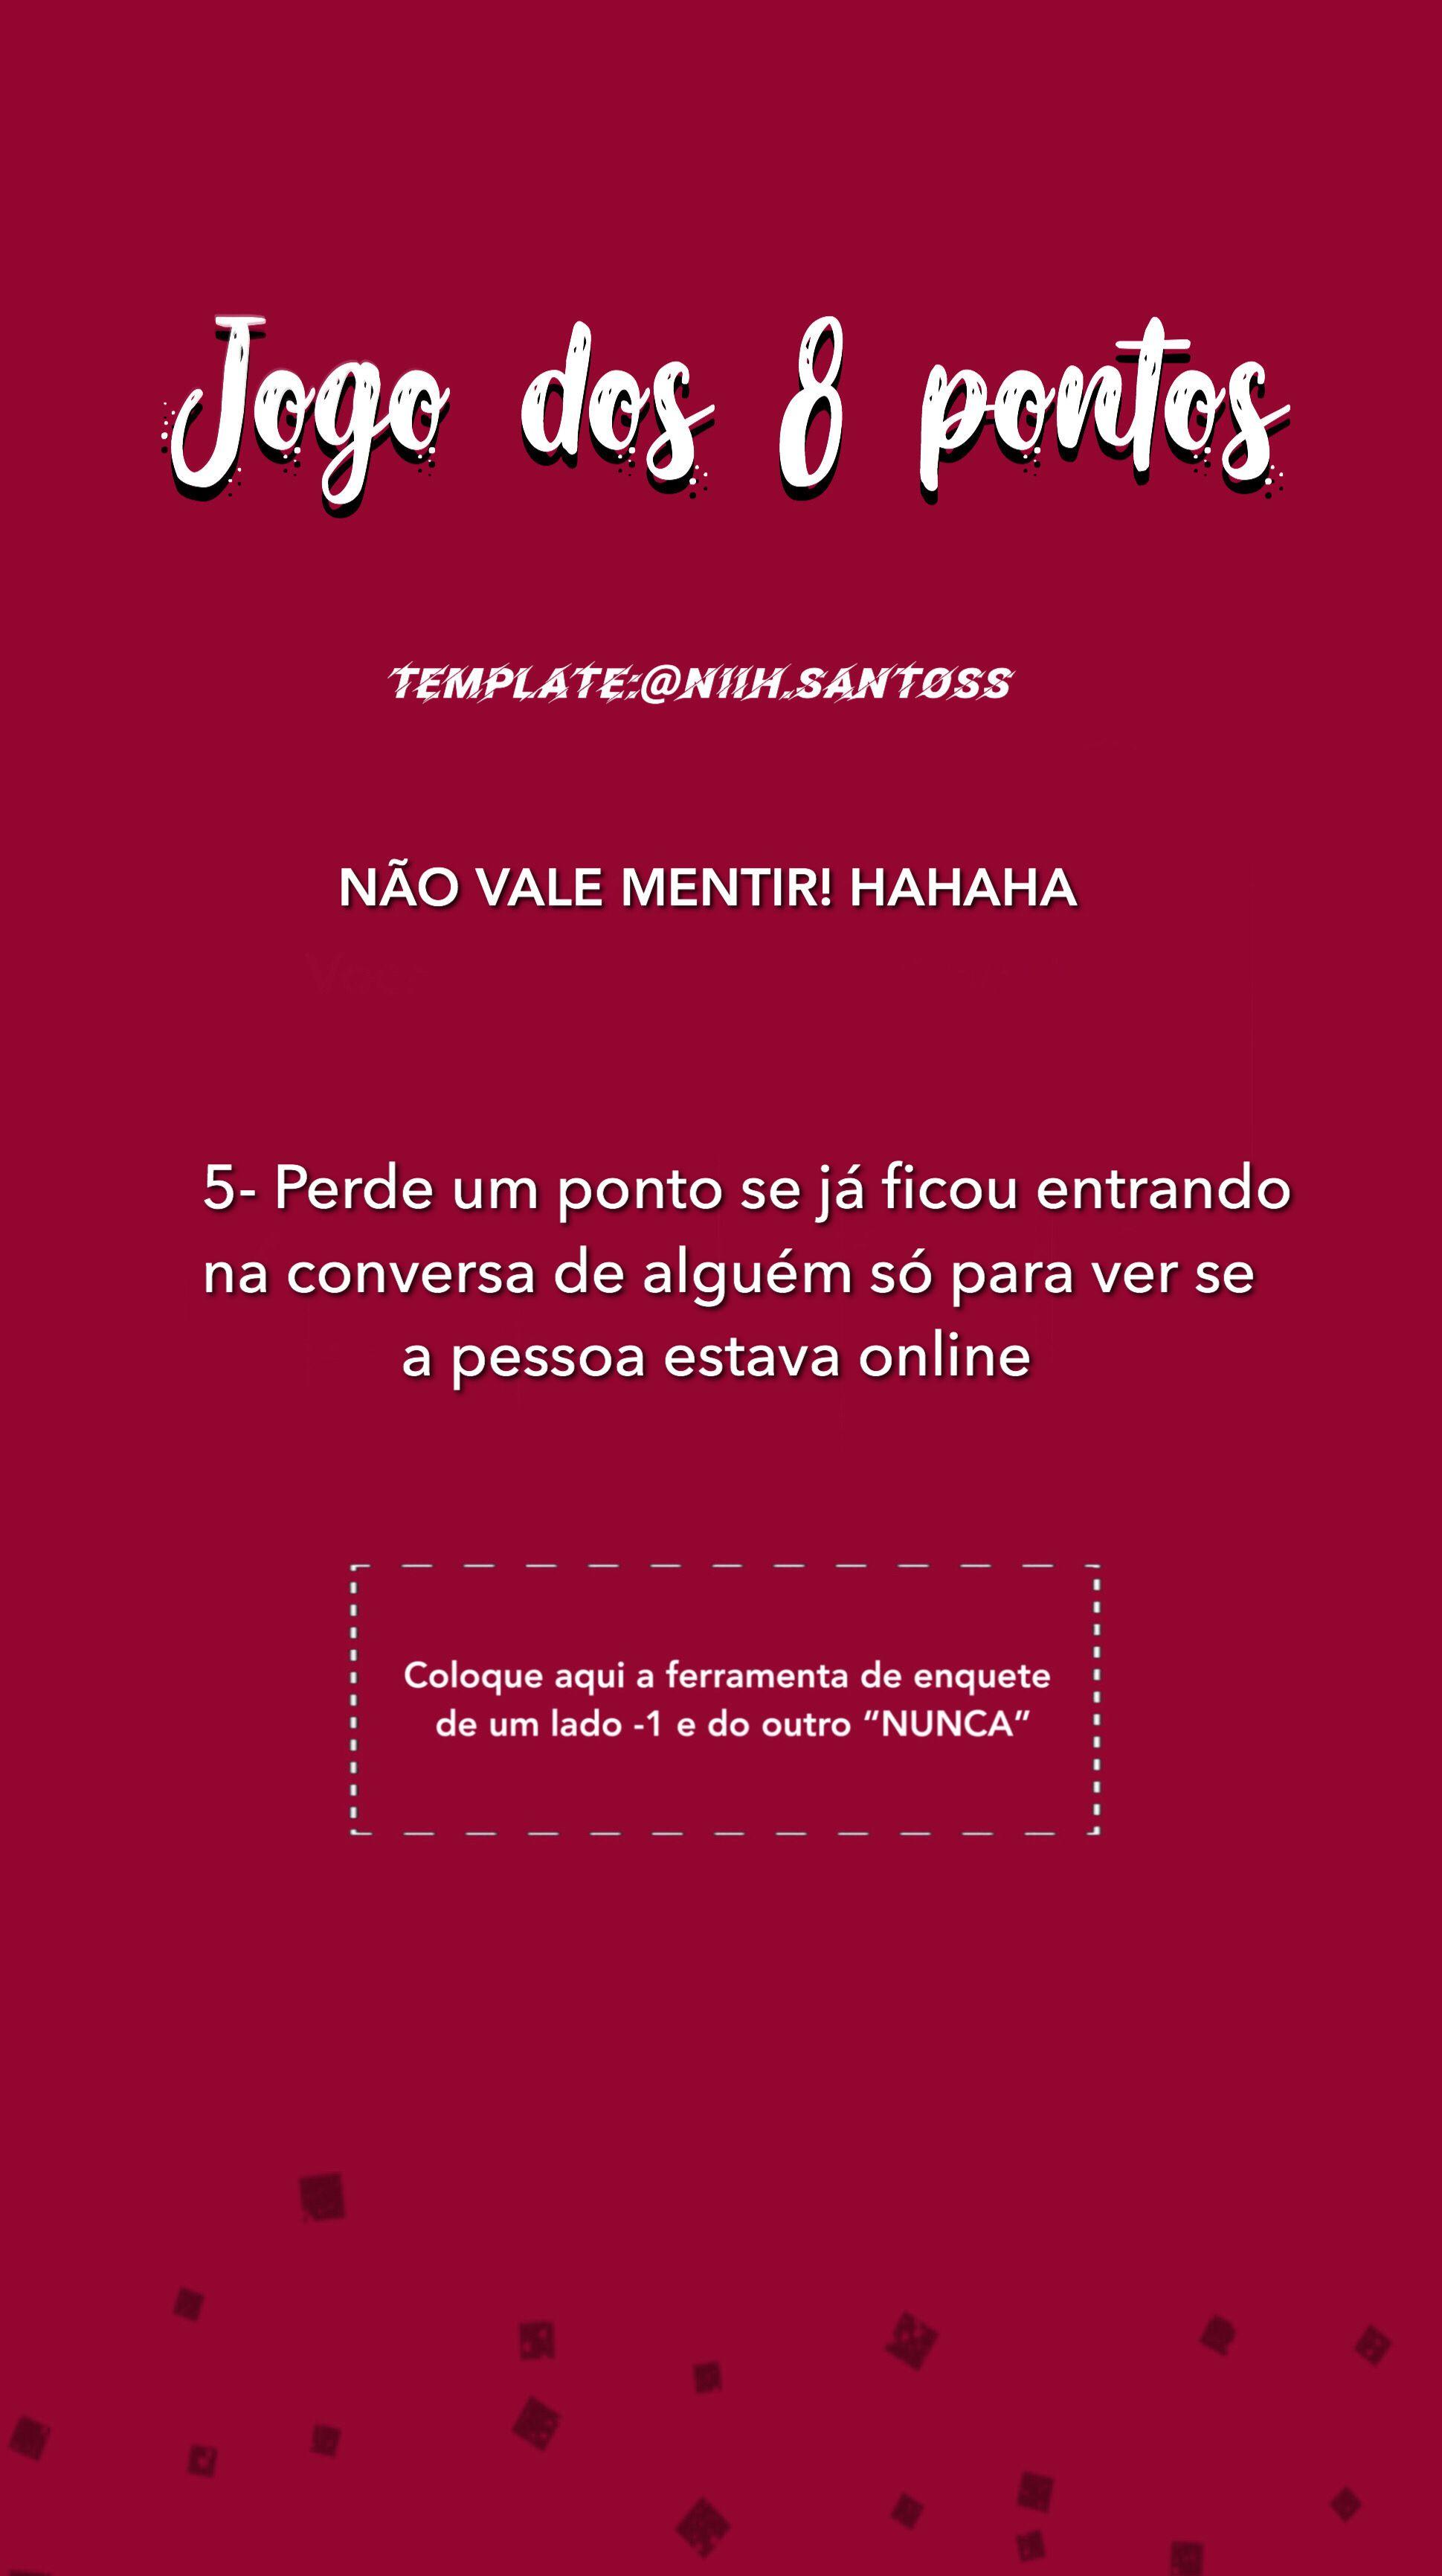 Template Para Stories Joguinho Jogo Perguntas E Respostas Brincadeiras De Whatsapp Perguntas Instagram Dicas